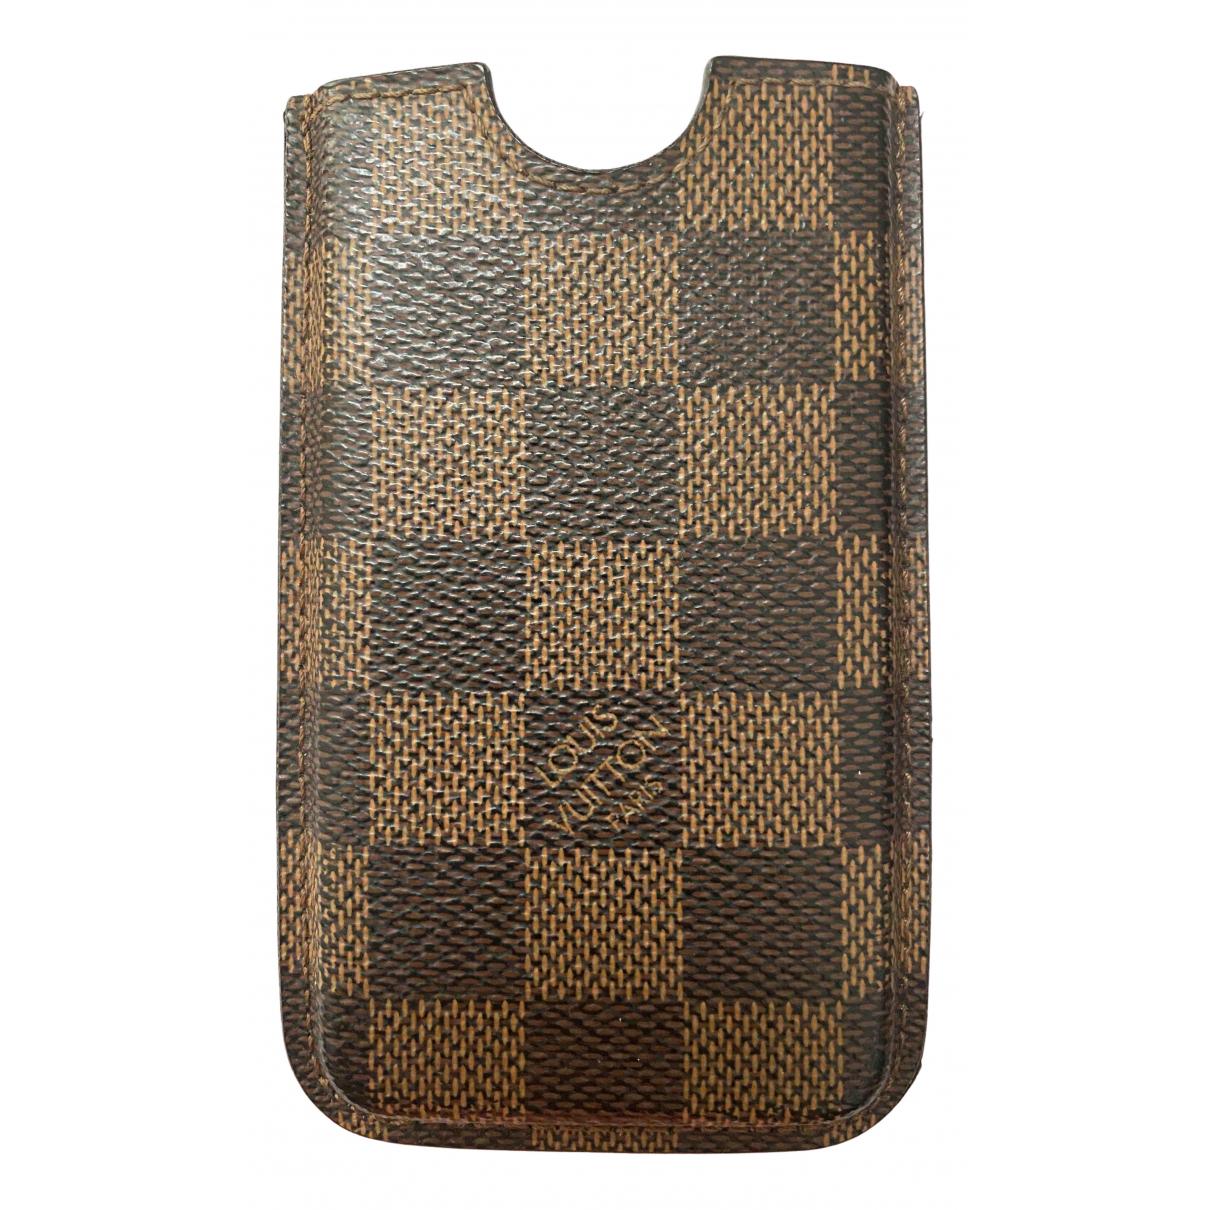 Funda iphone de Lona Louis Vuitton